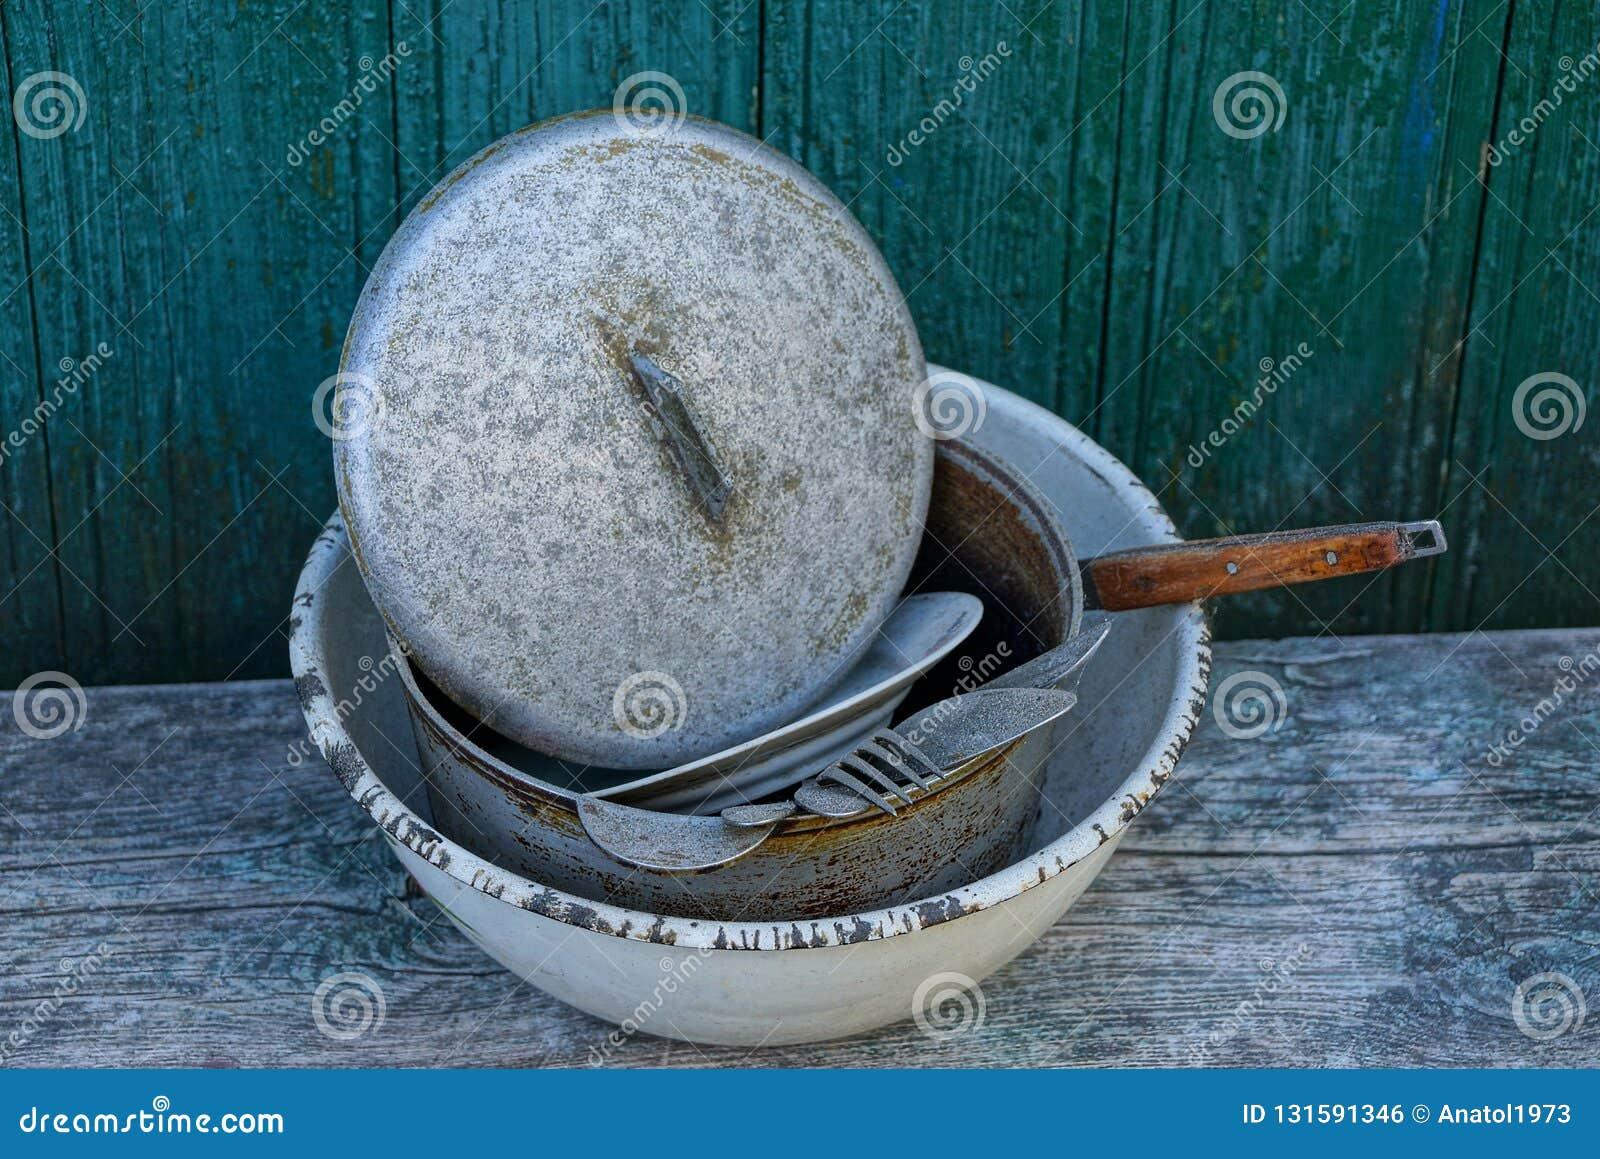 Uma pilha de pratos sujos em uma bacia cinzenta do metal em uma tabela contra uma parede verde